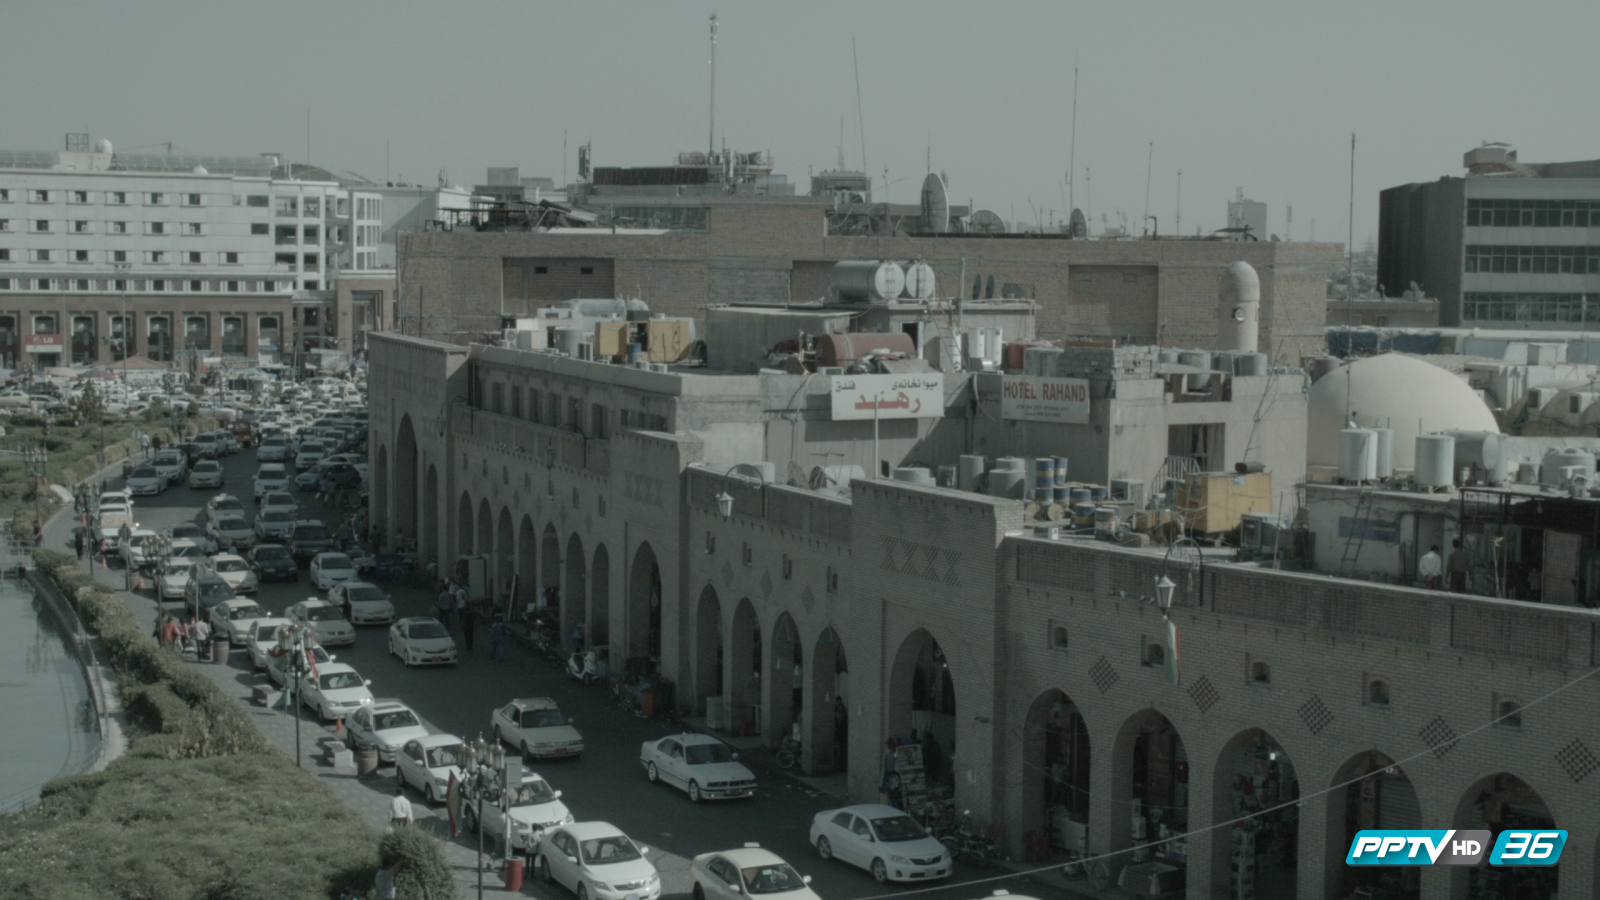 """ผ่าหลังแนวรบกลางดินแดนสงคราม """"อิรัก"""" กับ รายการ รอบโลก By กรุณา บัวคำศรี"""